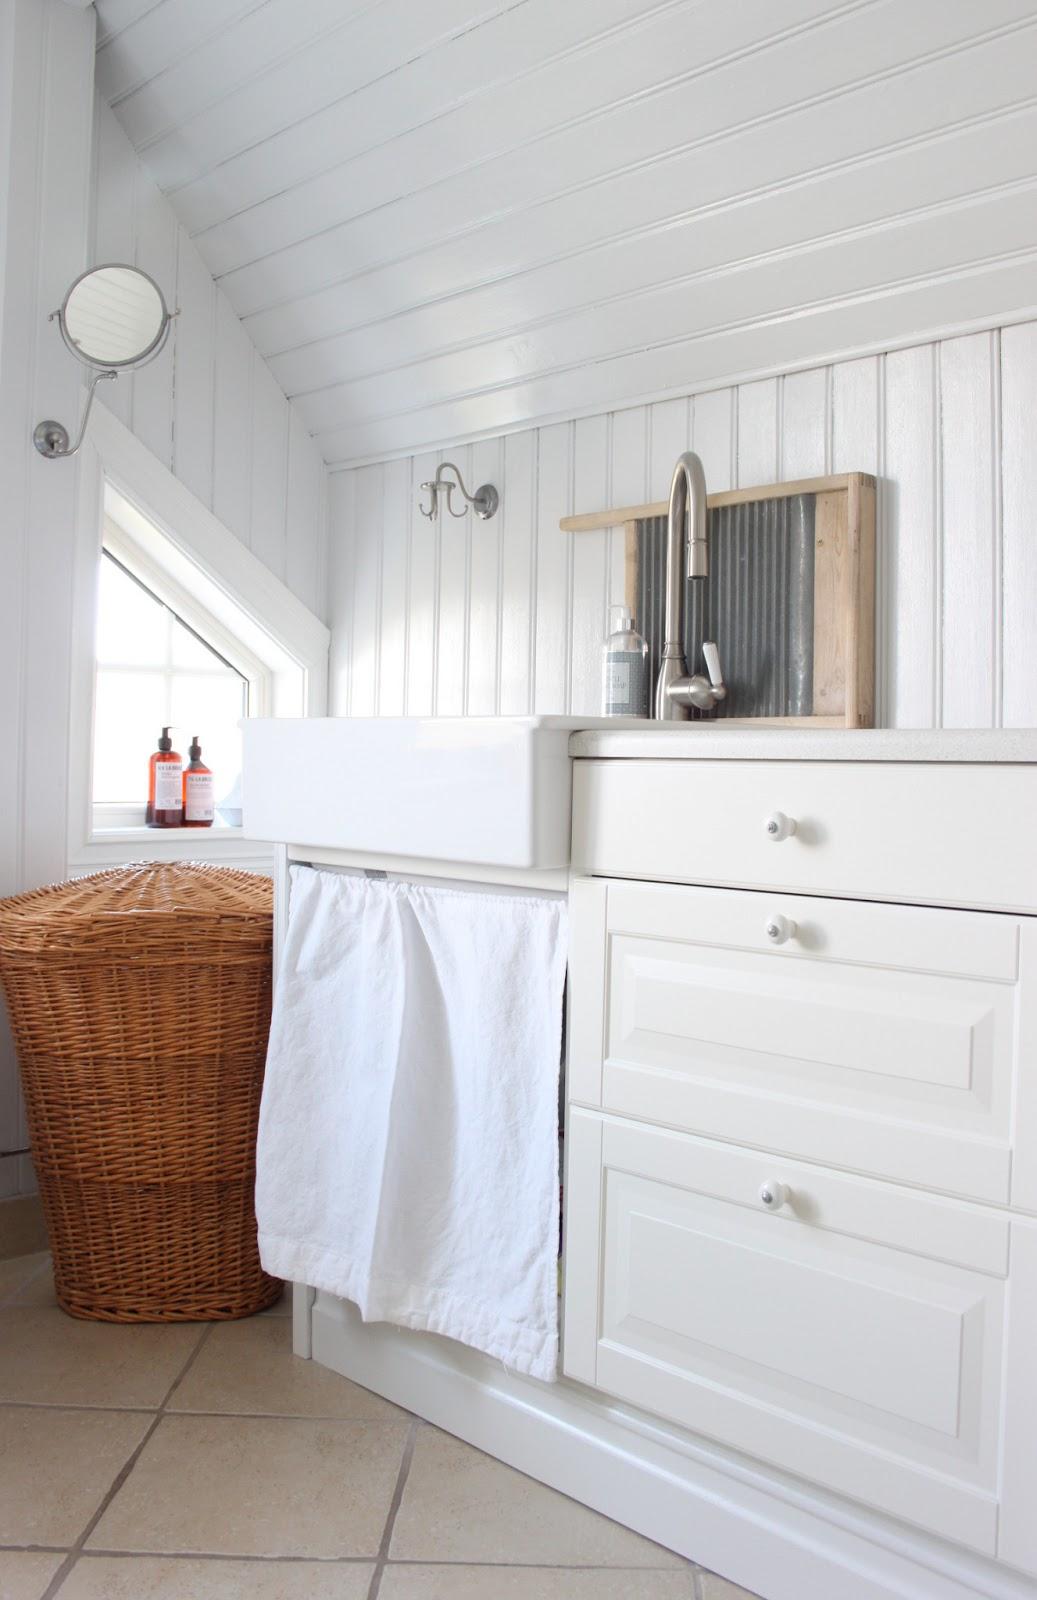 Add: design / anna stenberg / lantligt på svanängen: Äntligen är ...